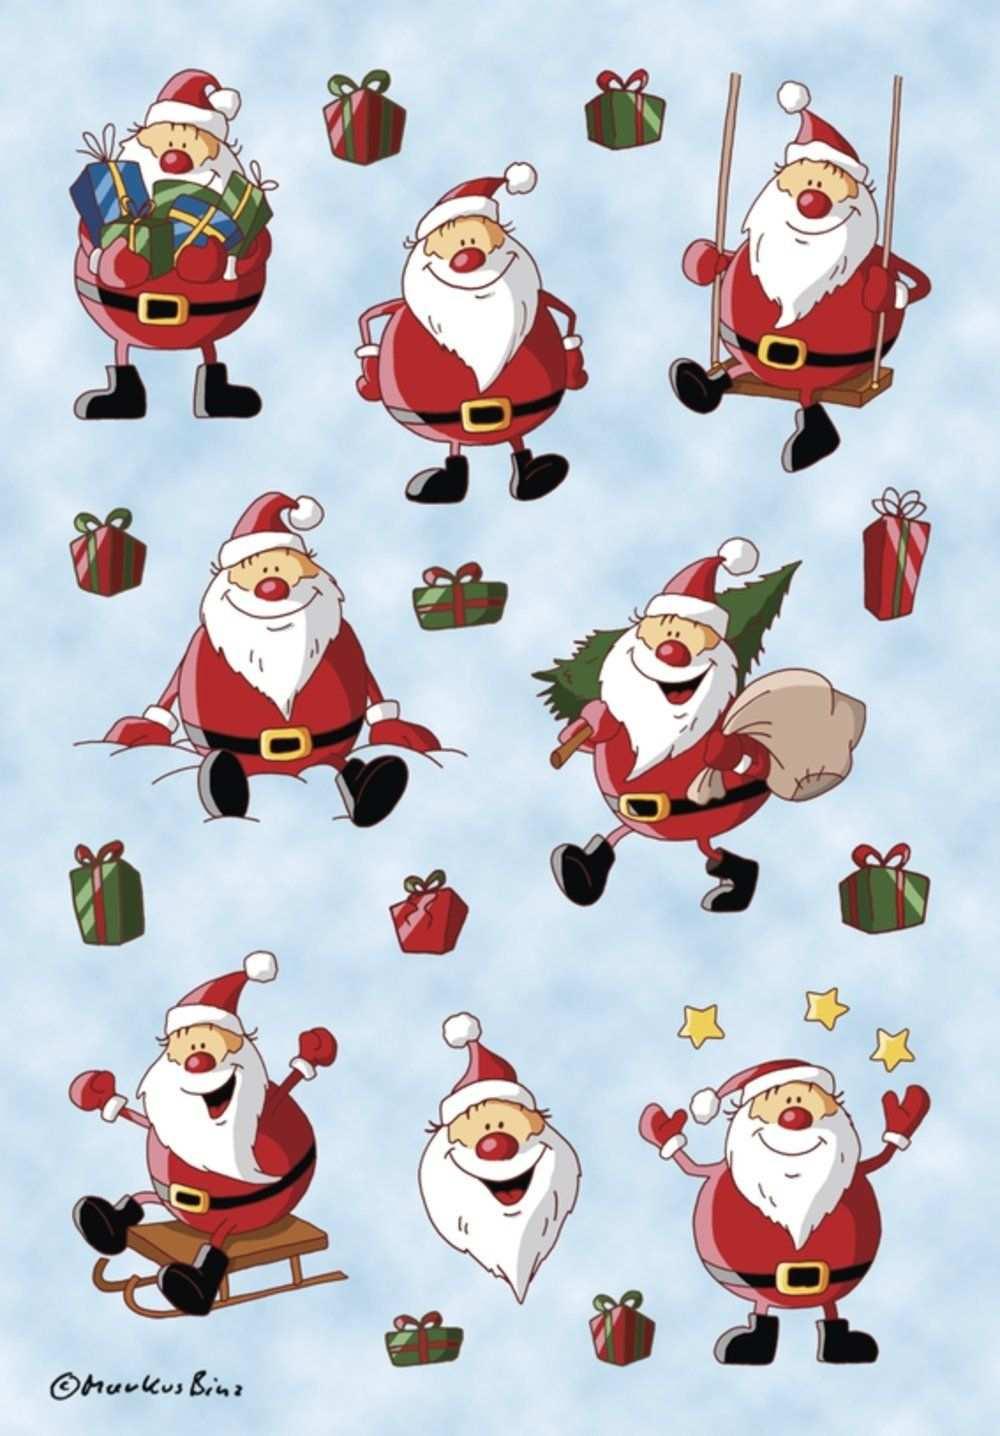 Herma Gmbh Sticker Weihnachtsmann Hersteller Herma Amazon De Elektronik Weihnachtsbilder Weihnachtskunst Verpackung Weihnachten